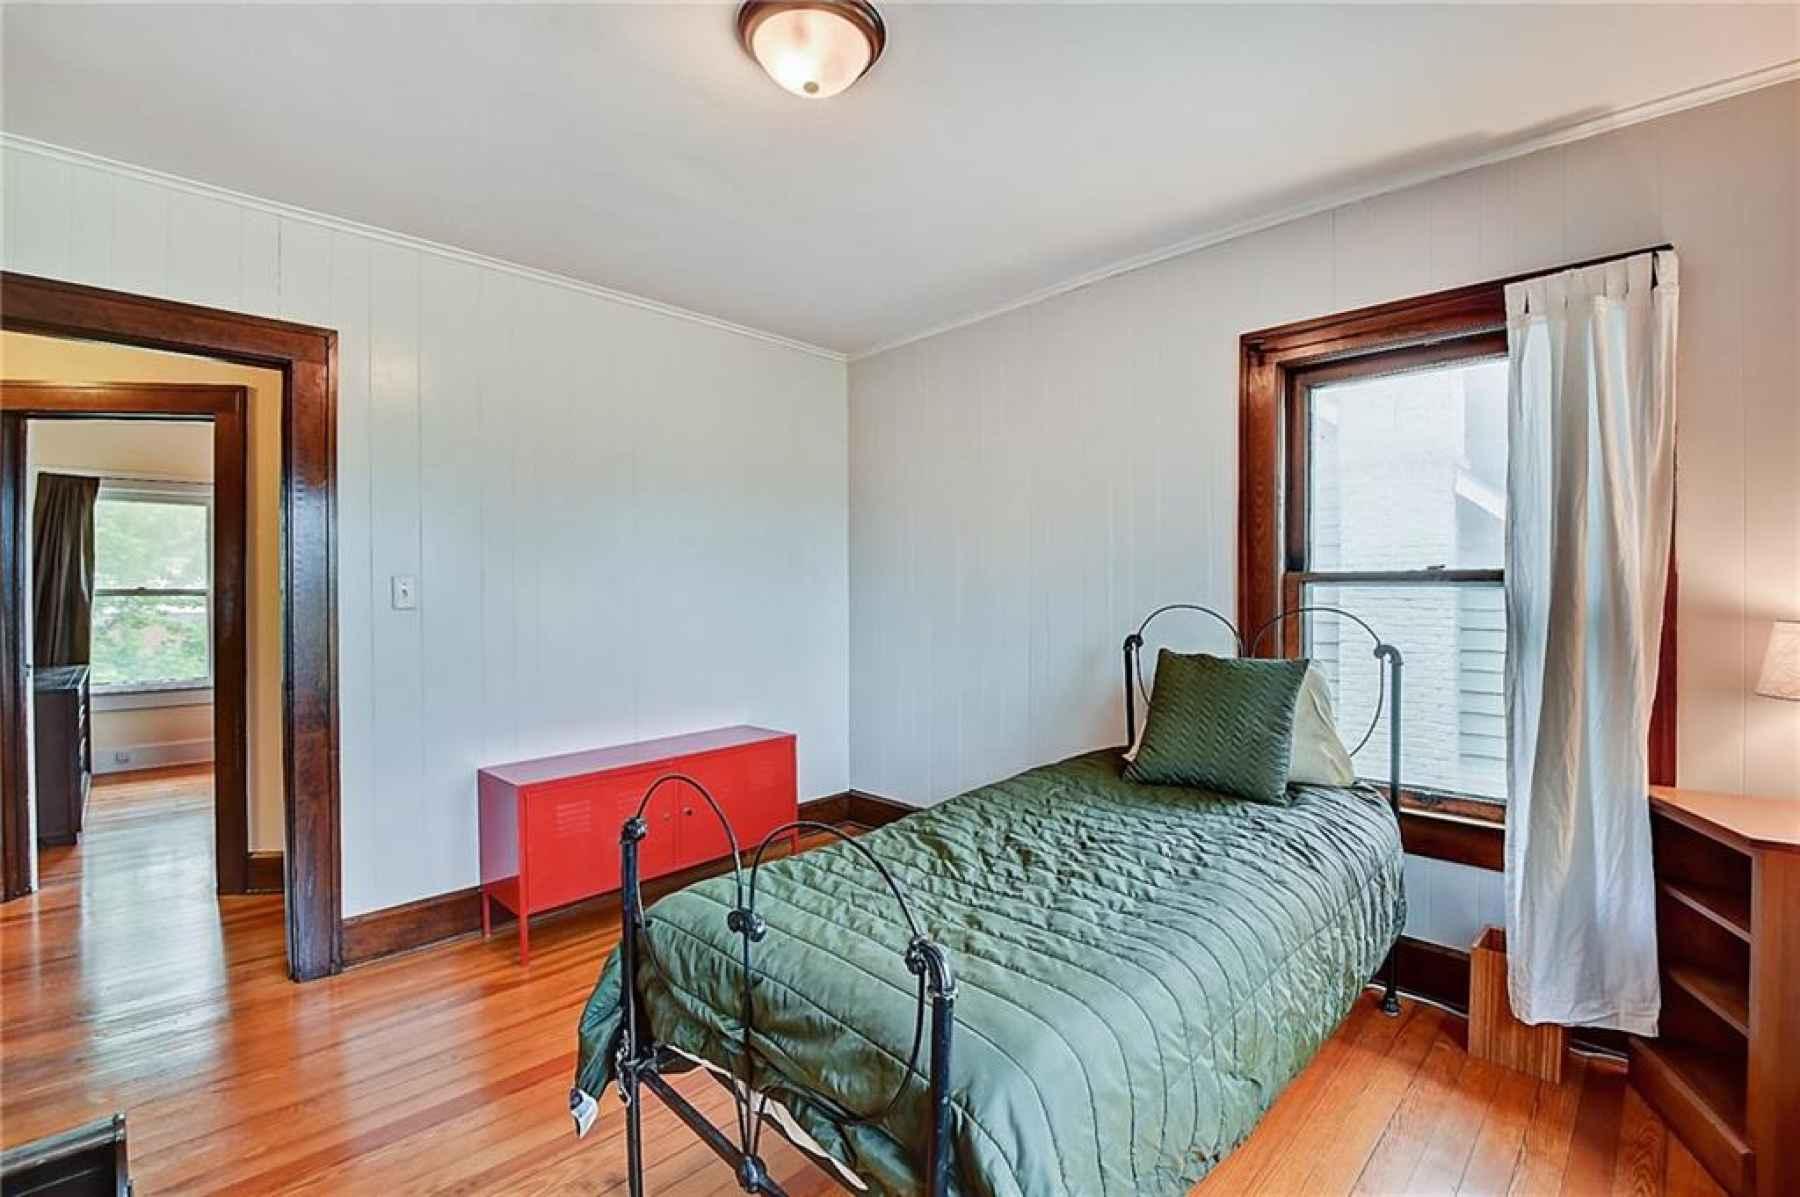 Second floor. Second bedroom. The doorway looks to the hallway and master bedroom.